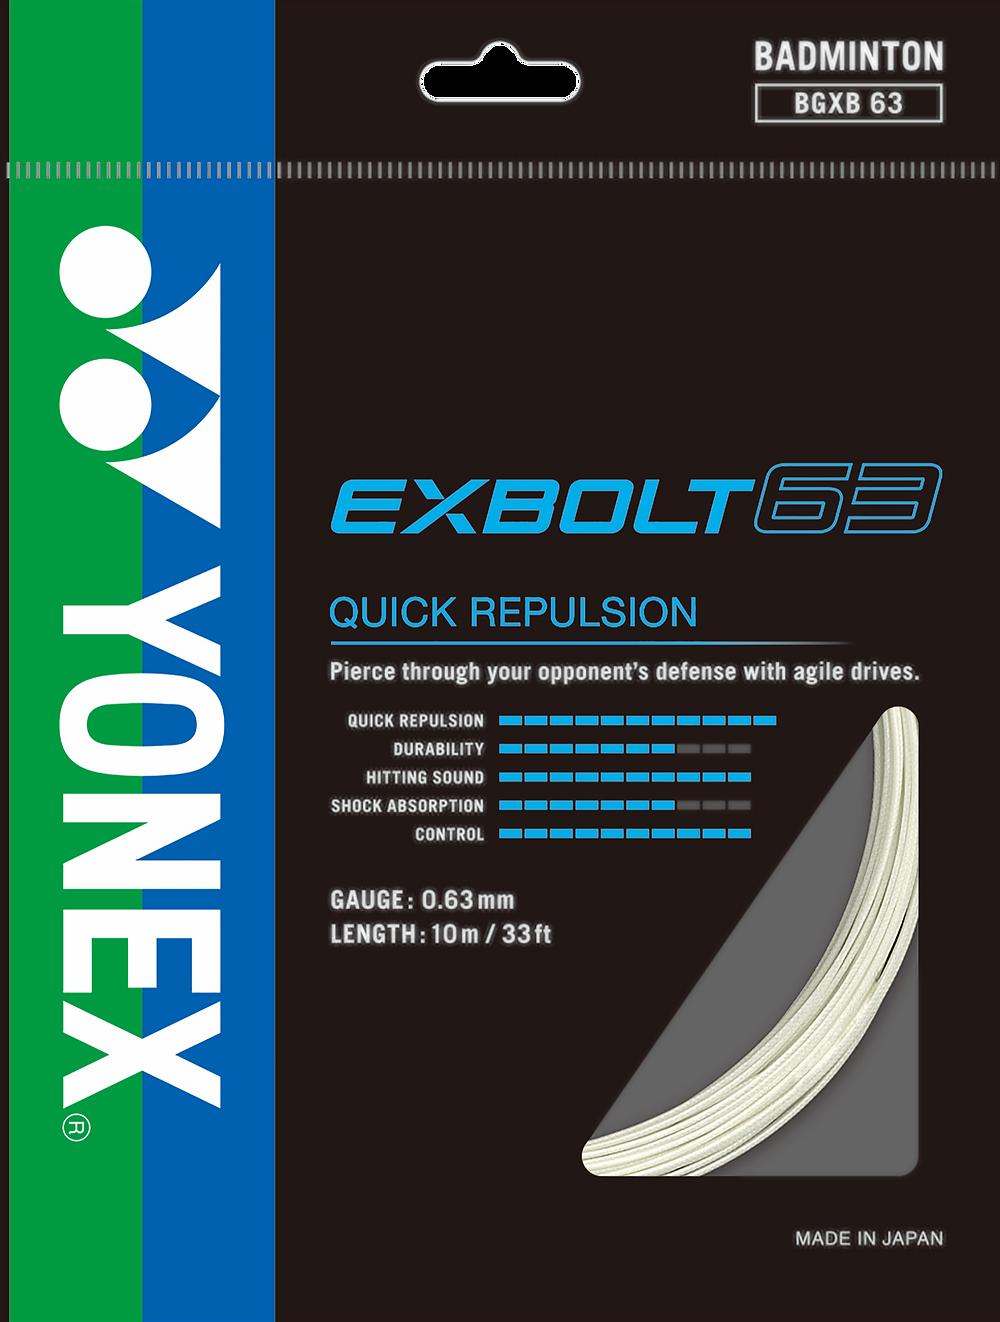 Yonex Exbolt 63